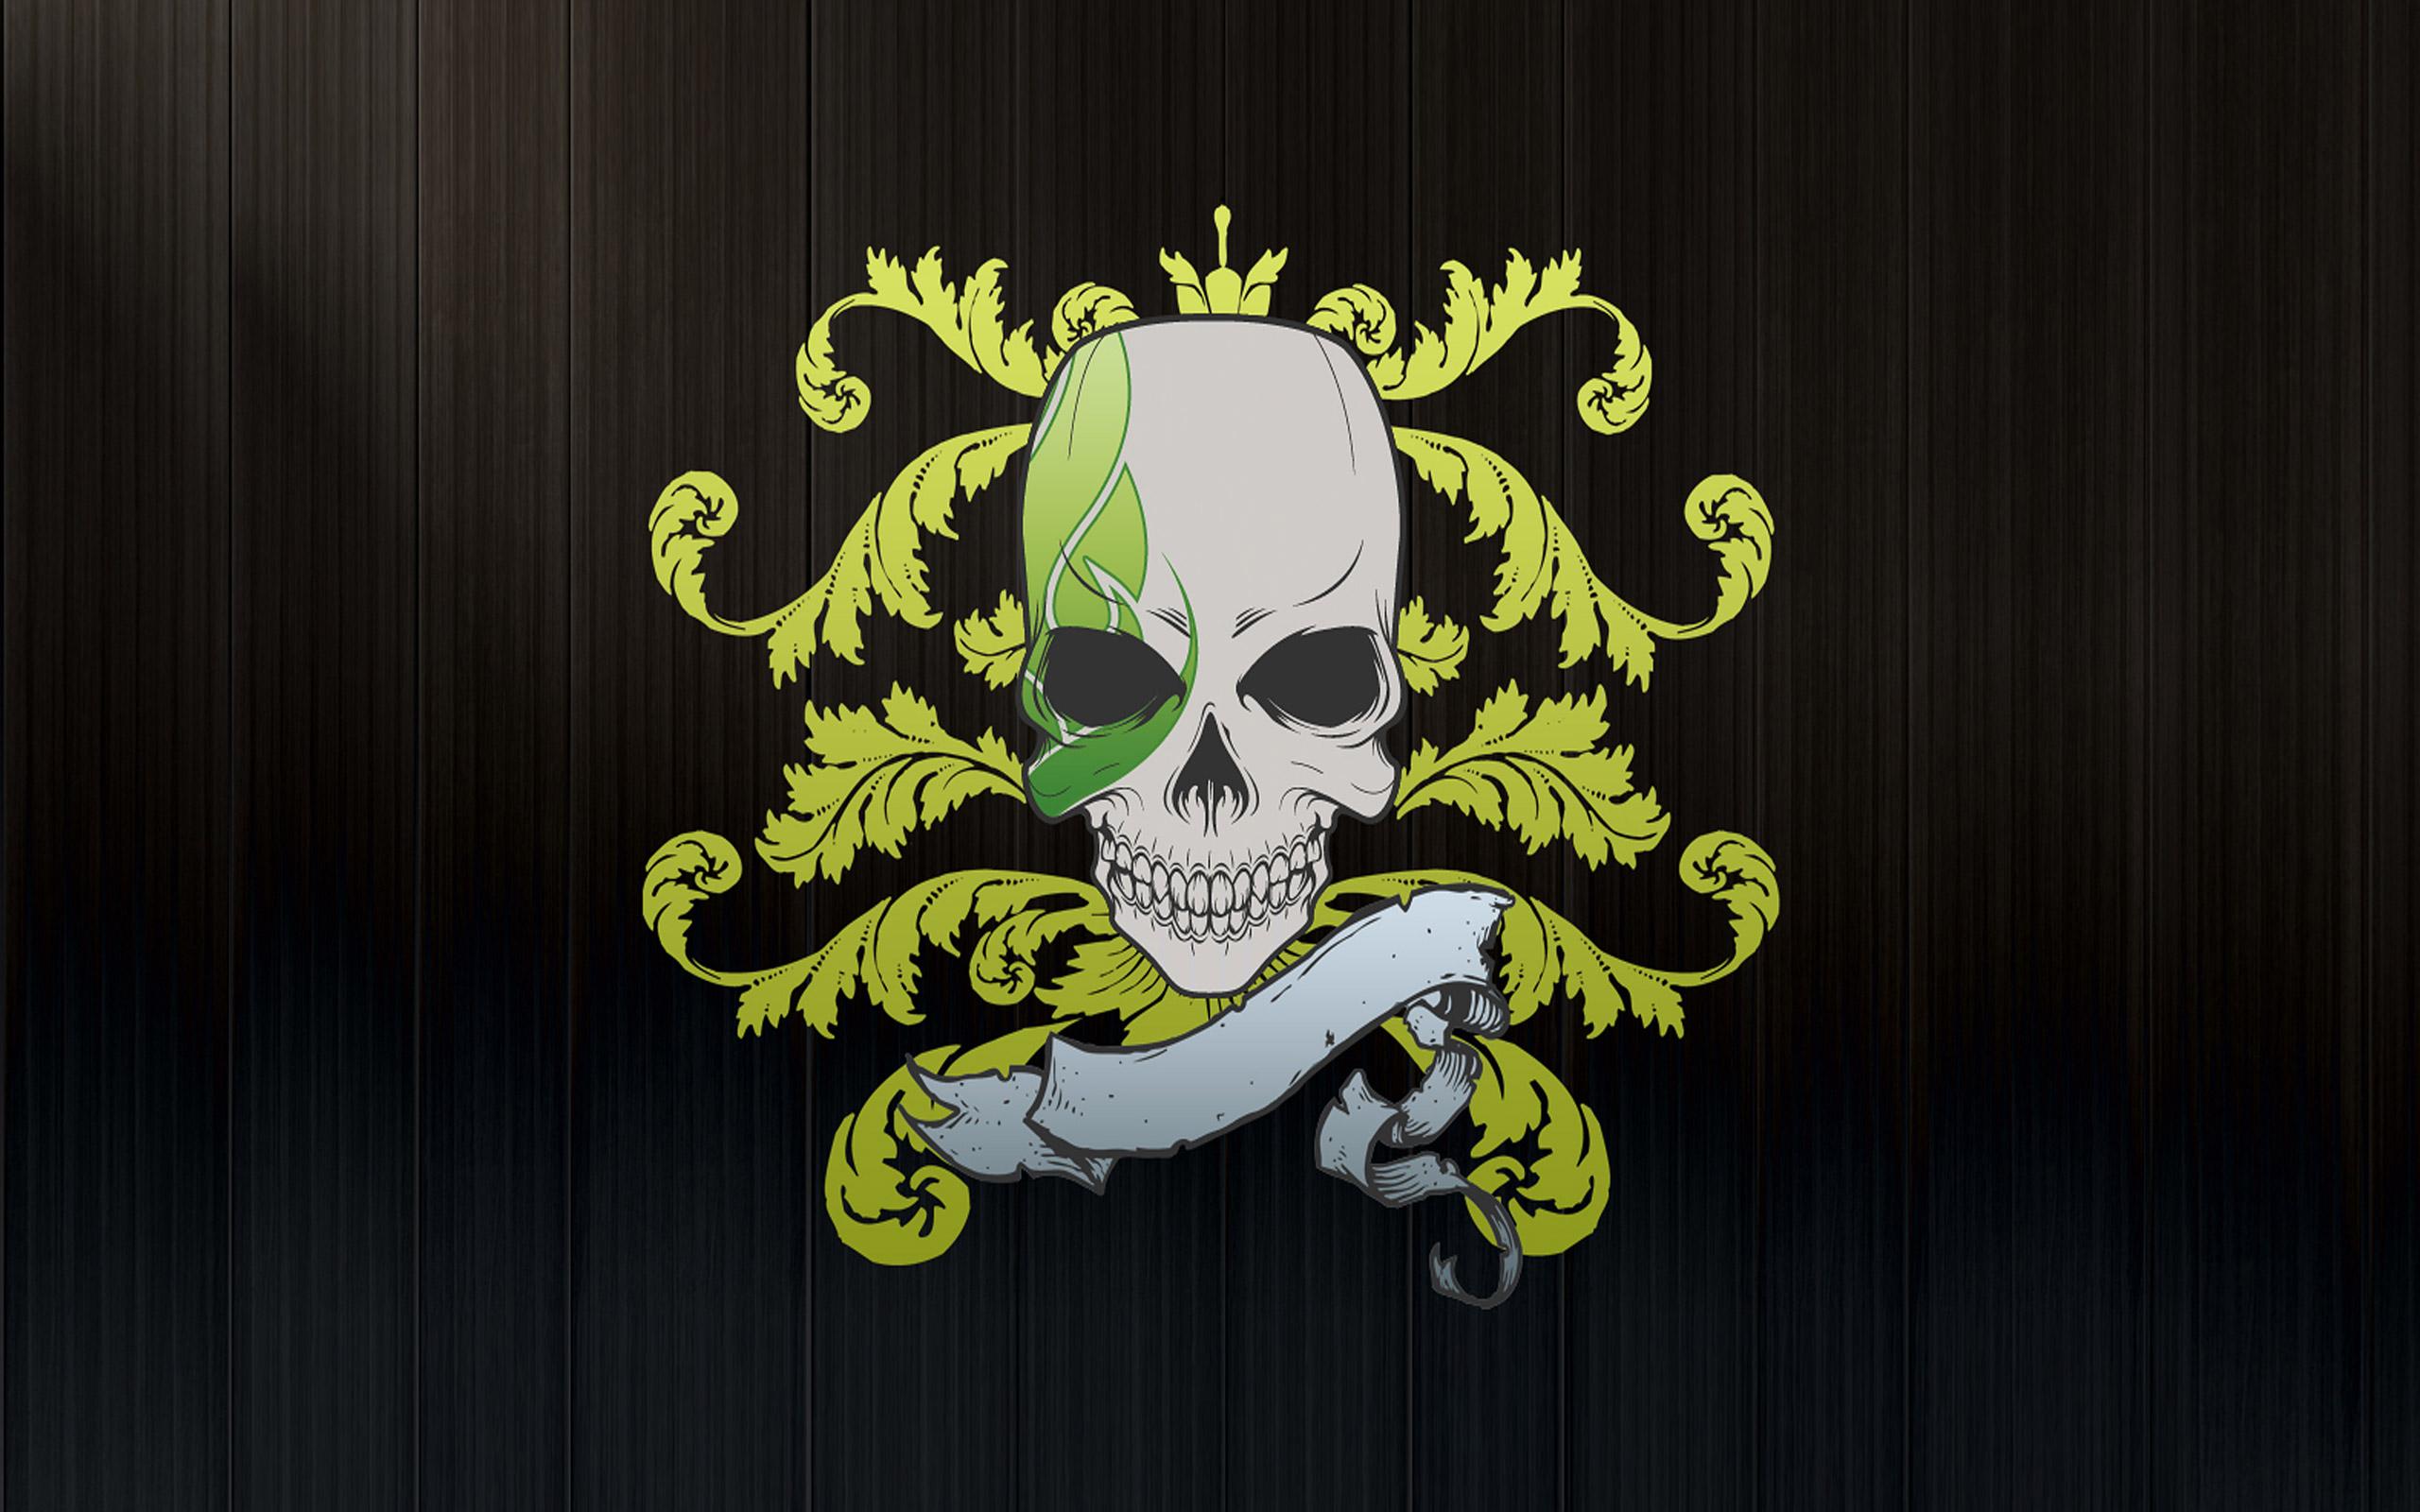 Skull 3d Wallpaper: Free 3d Skull Wallpaper